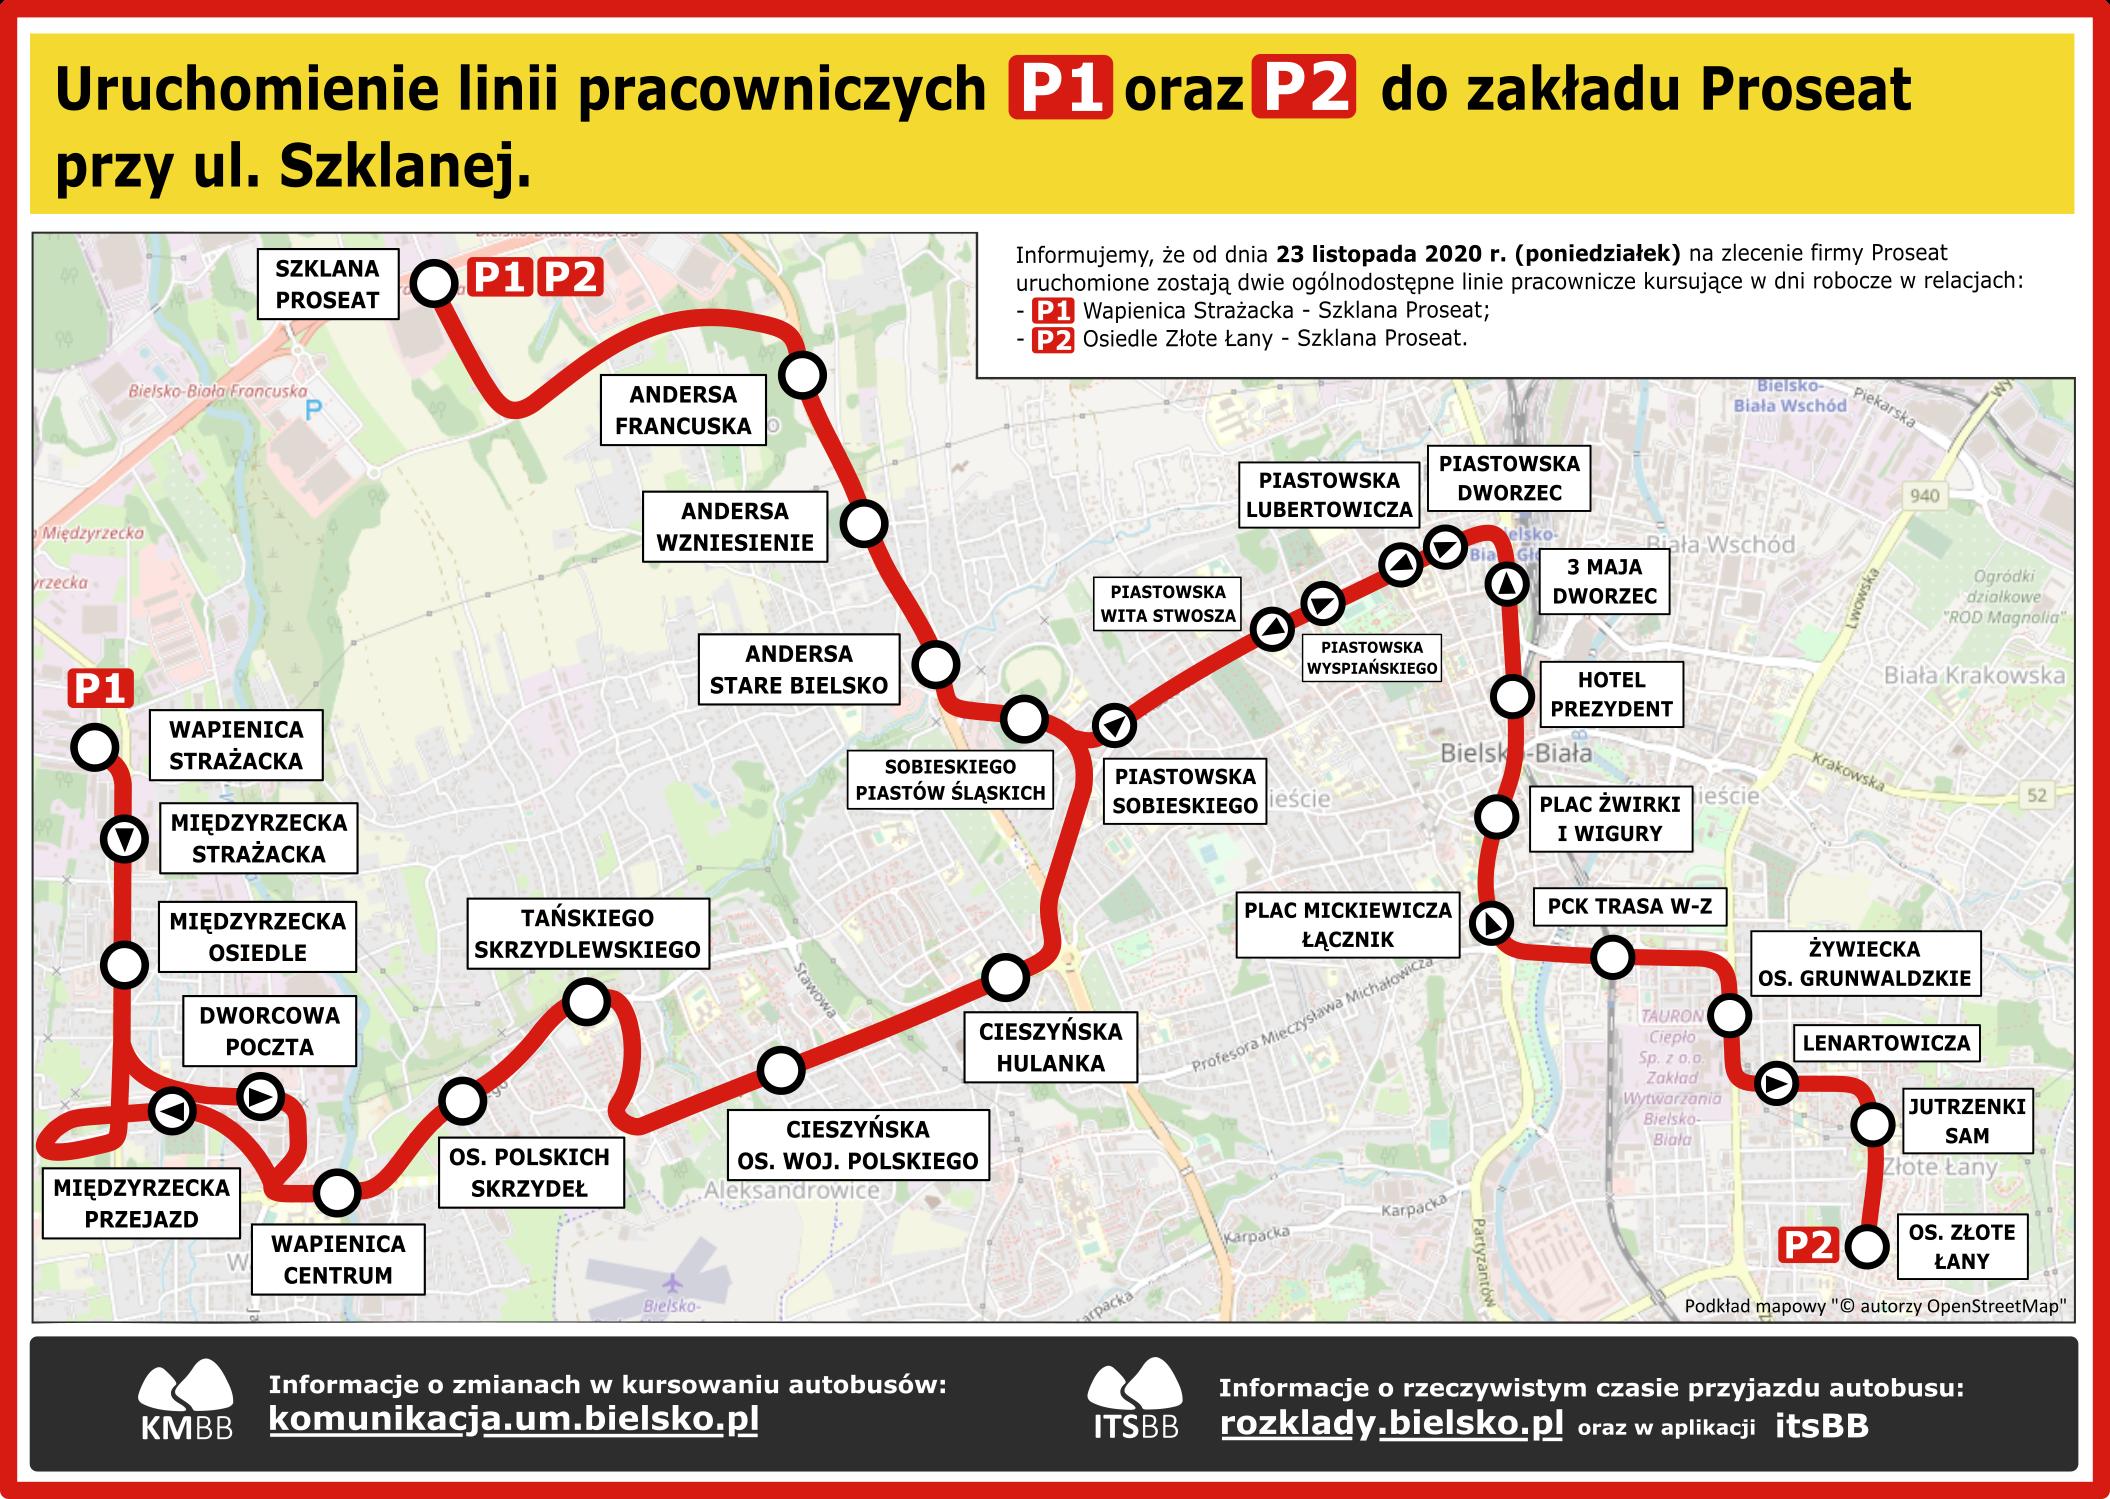 Schemat linii pracowniczych P1 i P2 do zakładu Proseat